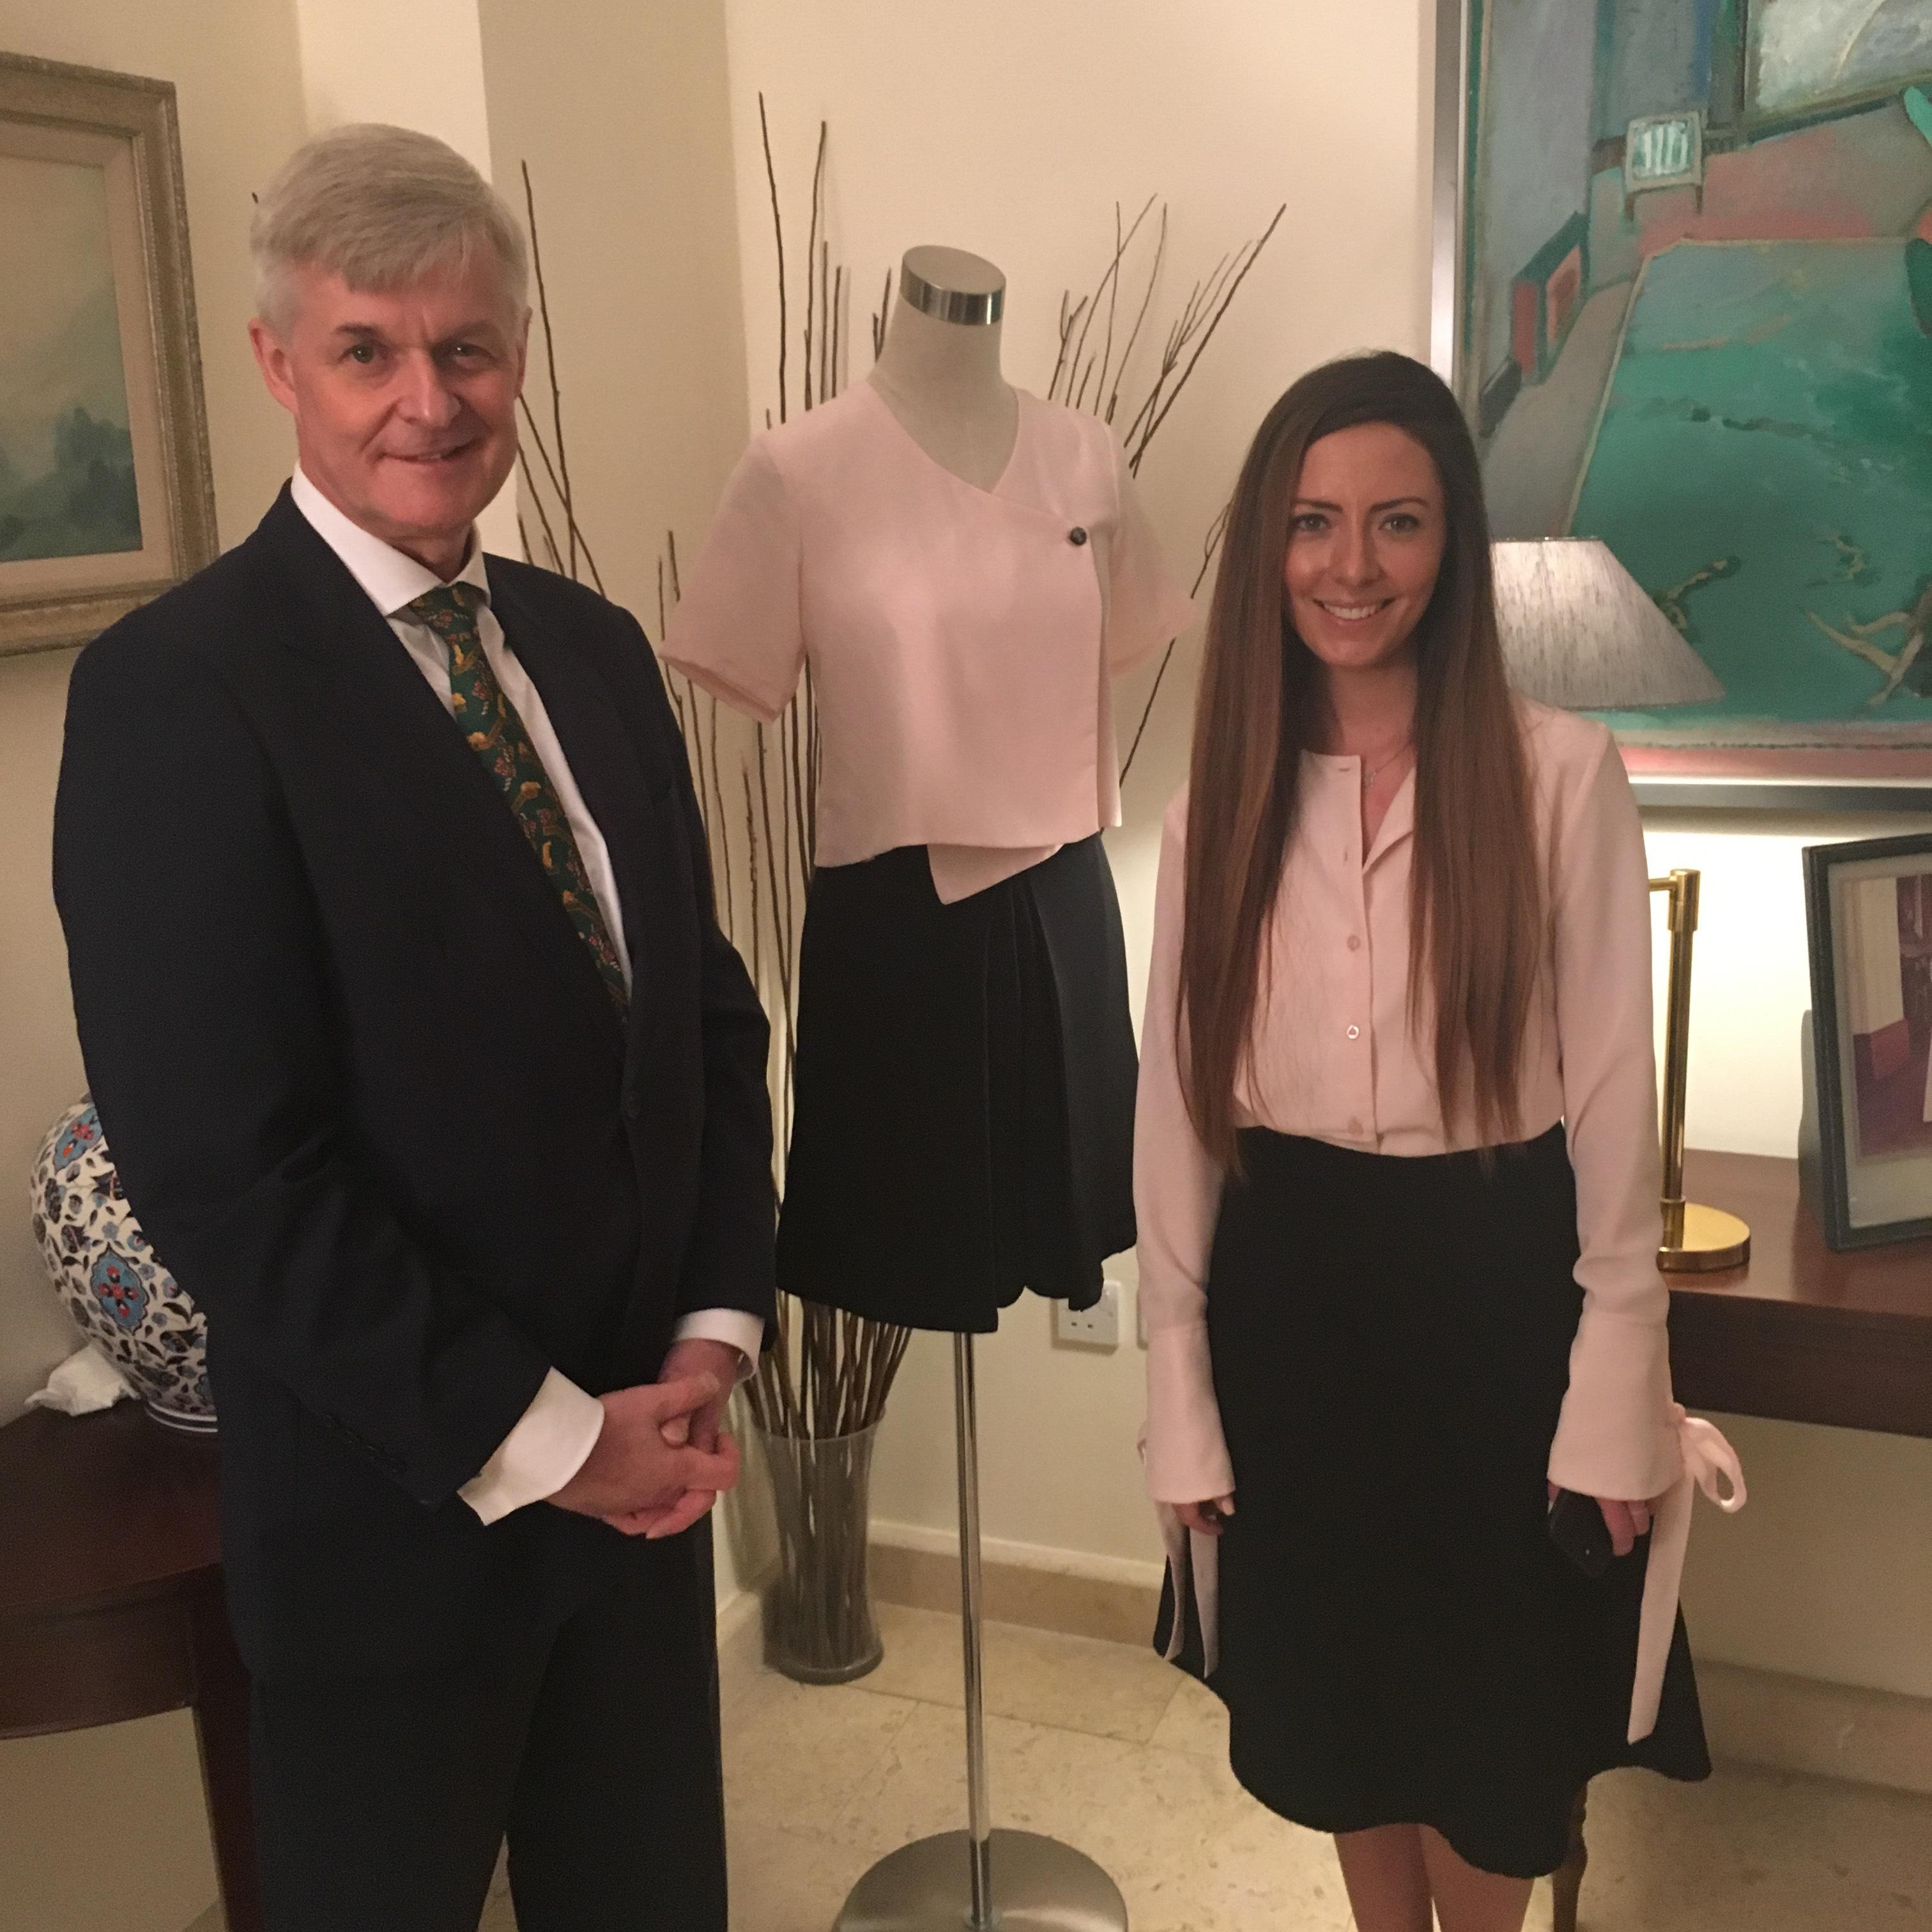 السفارة البريطانية تحتفل بإطلاق المجموعةالأولى للمصممةالبريطانية الأردنيه إديلينا جويس